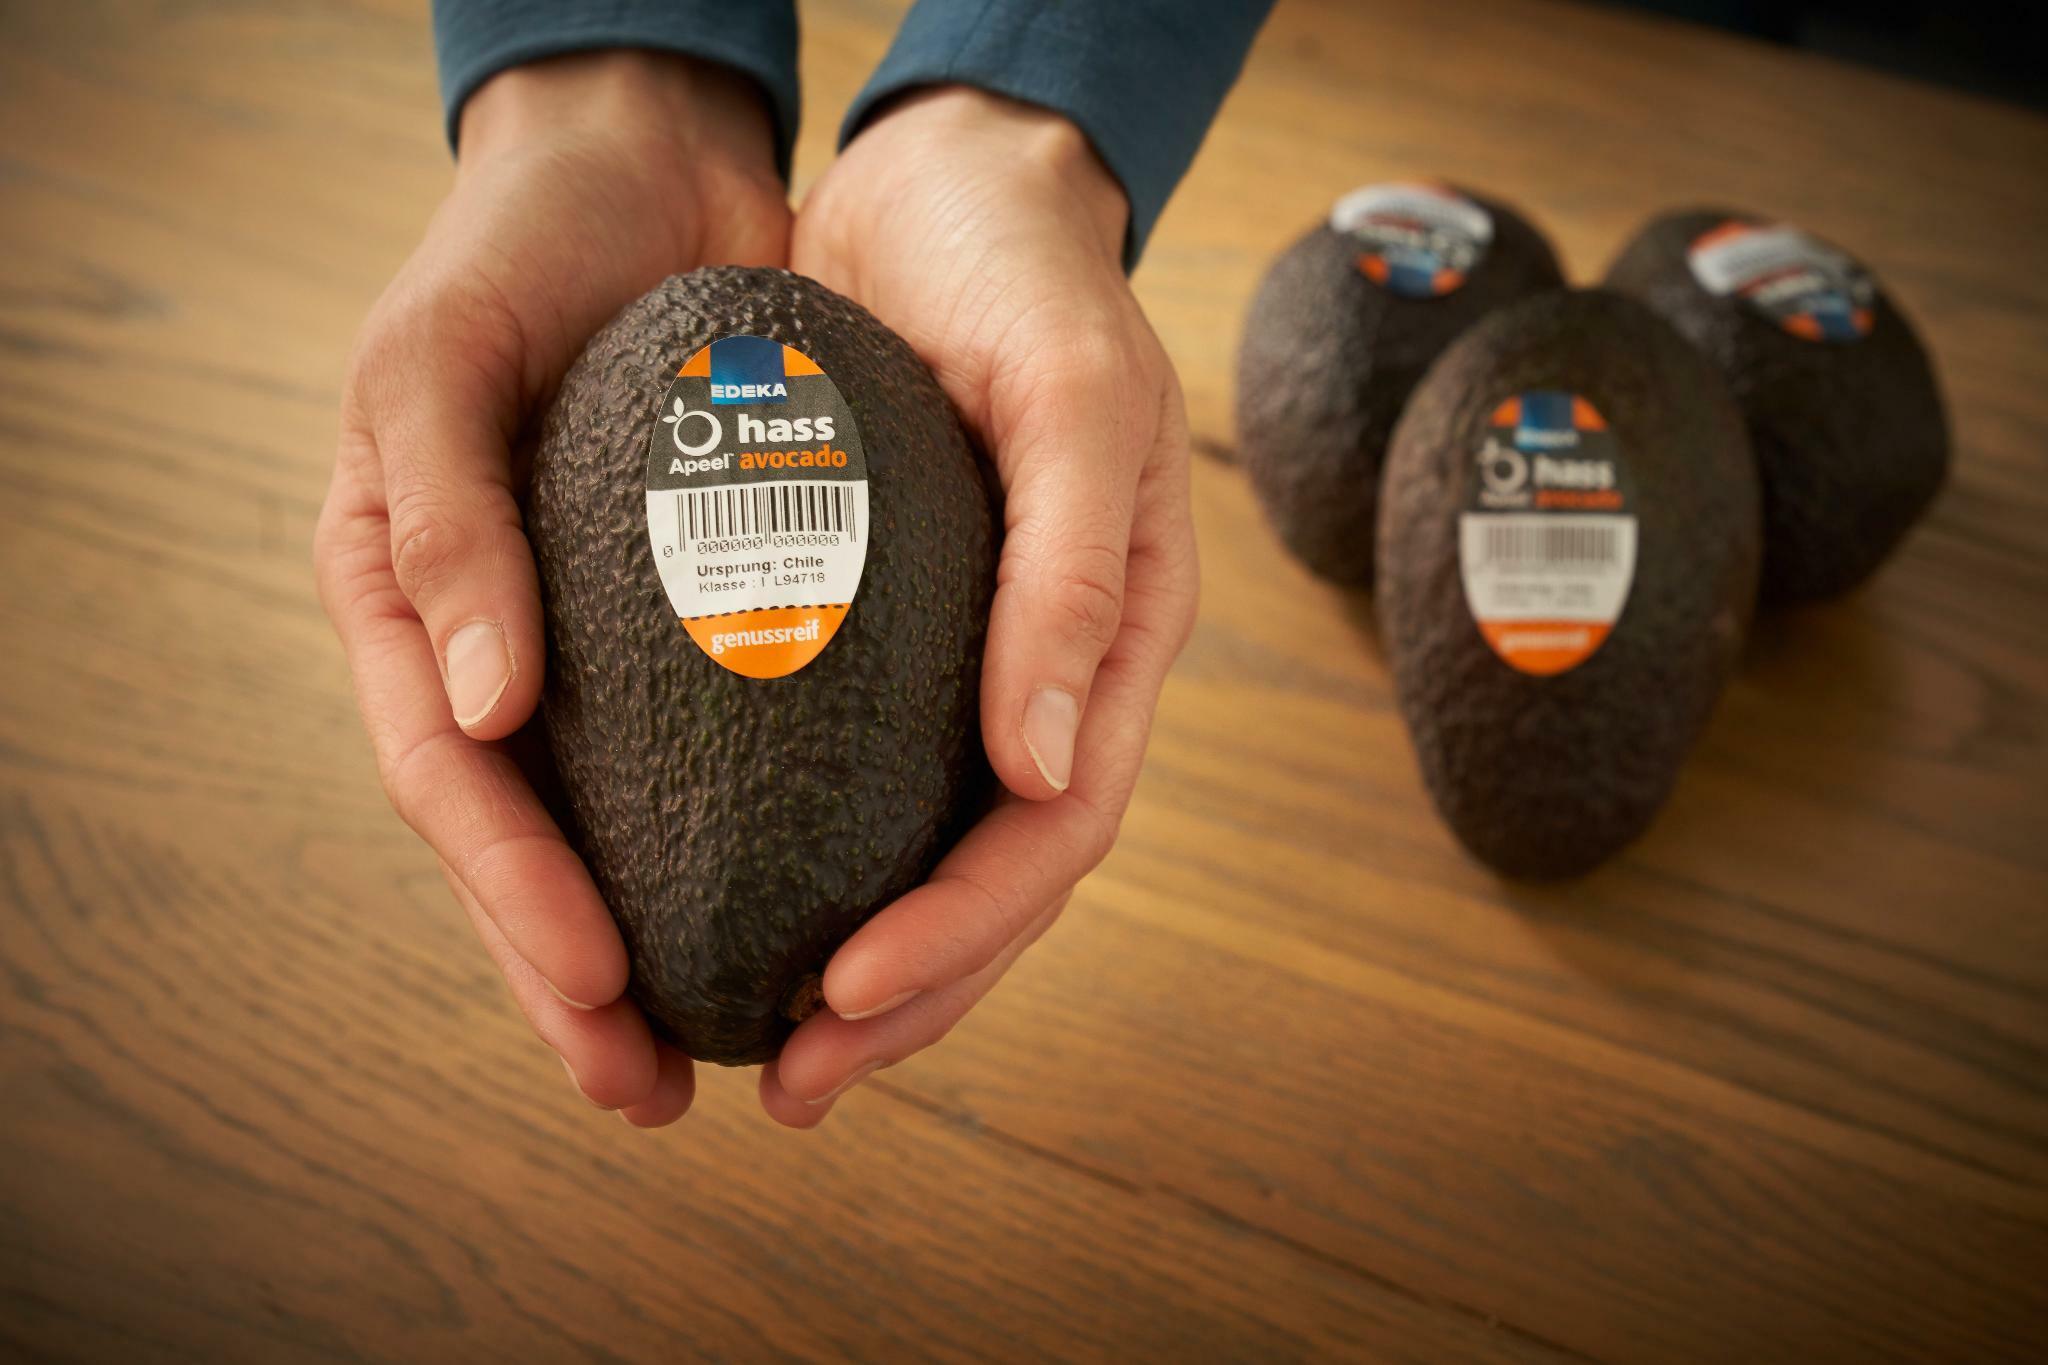 Apeel: James Rogers schützt Avocados mit einer zweiten Haut